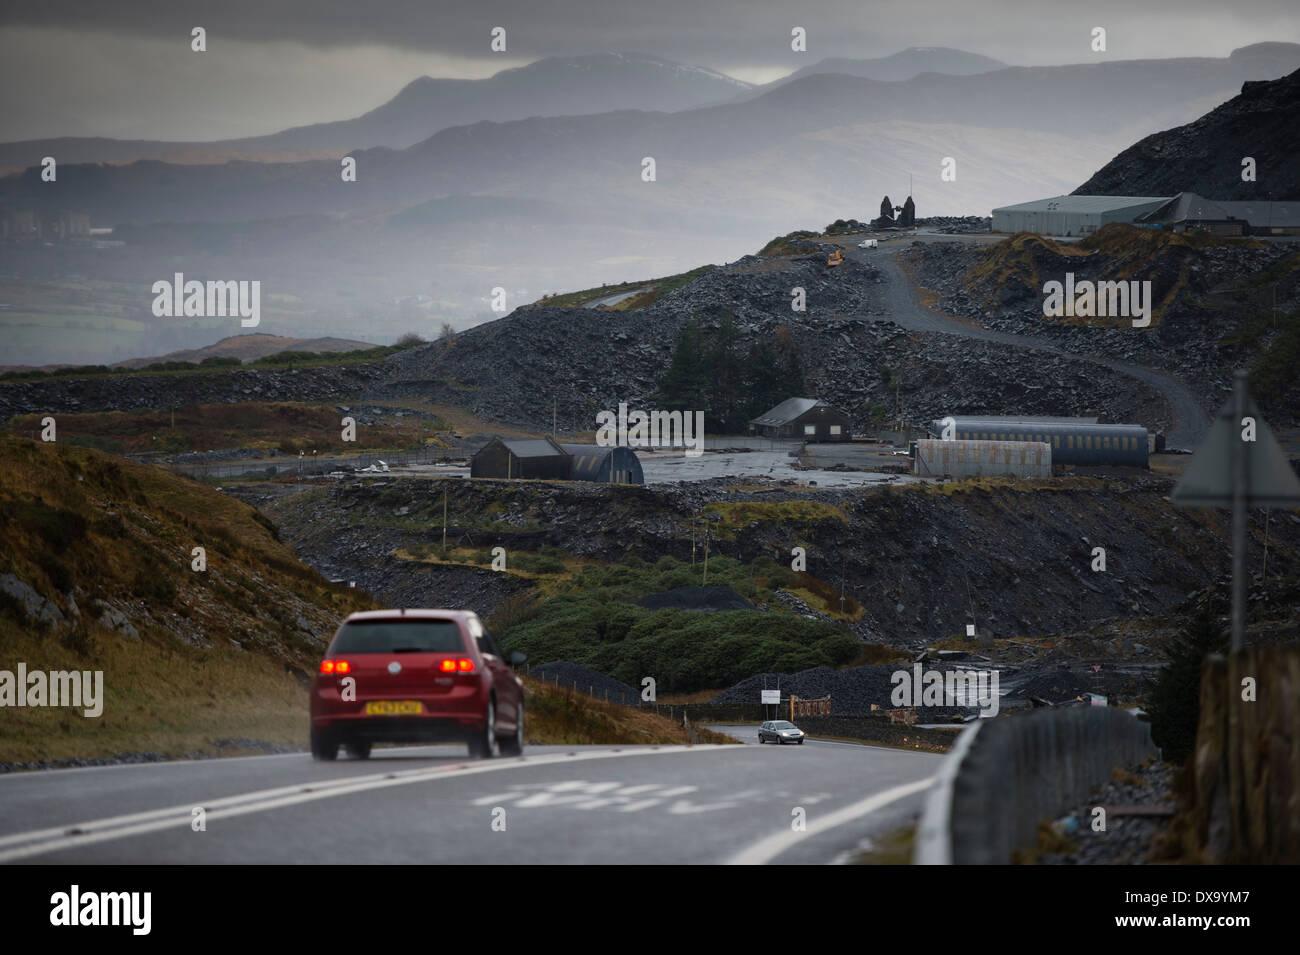 Slate quarry, Blaenau Ffestiniog, Snowdonia, Gwynedd, North Wales UK. Stock Photo